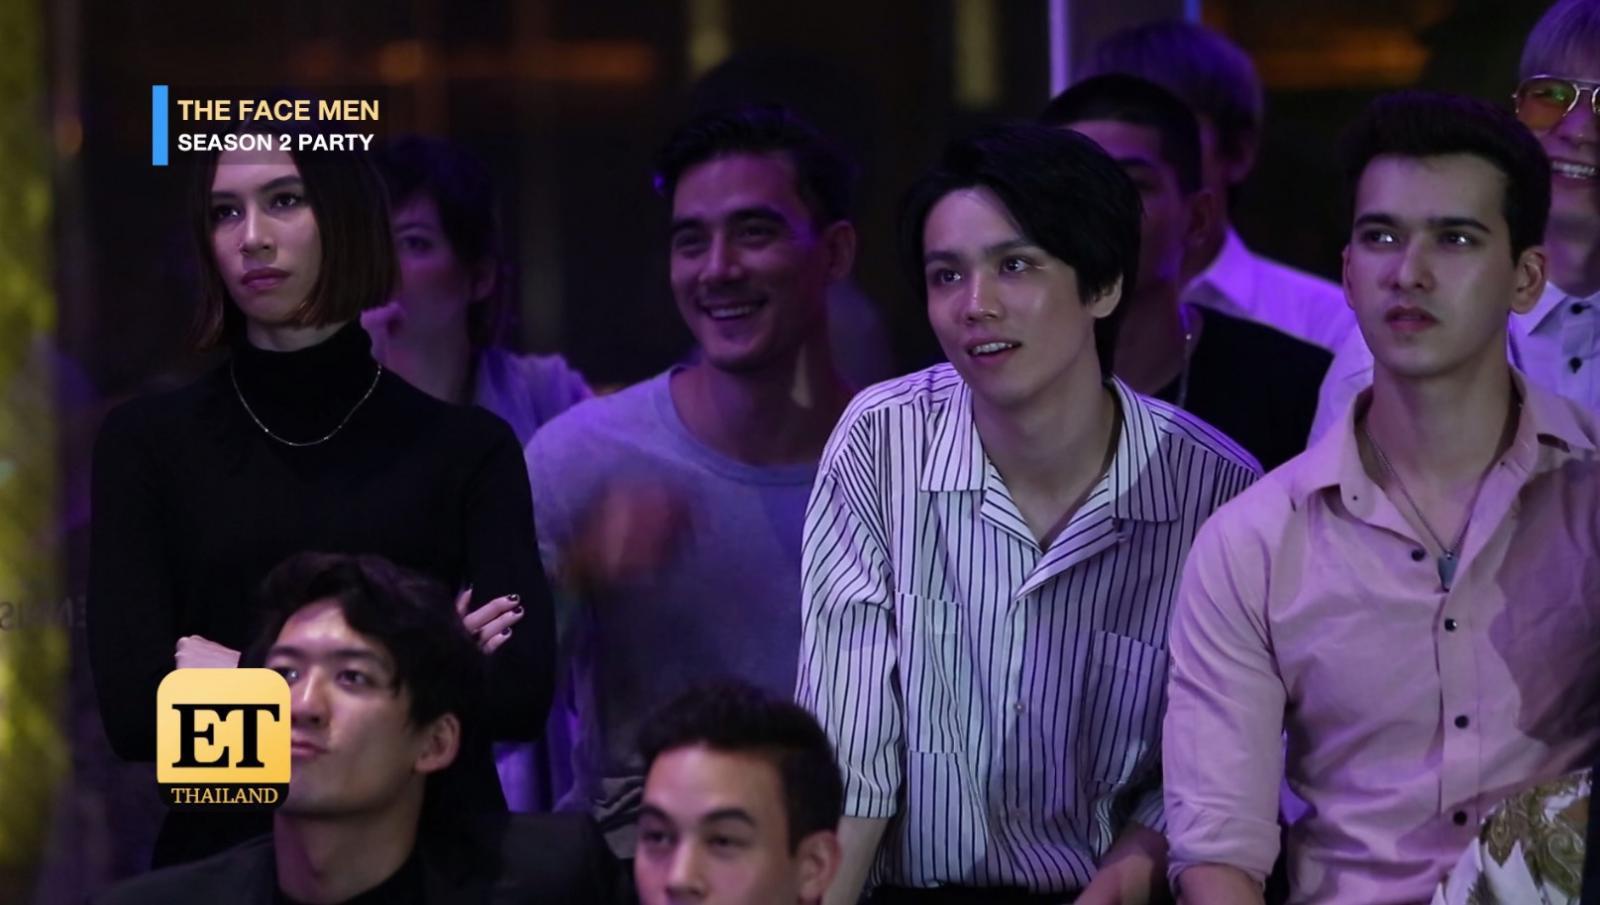 """เอ็กซ์คลูซีฟ  Party ฉลอง """"THE FACE MEN THAILAND  2"""" ออนแอร์เทปแรก"""